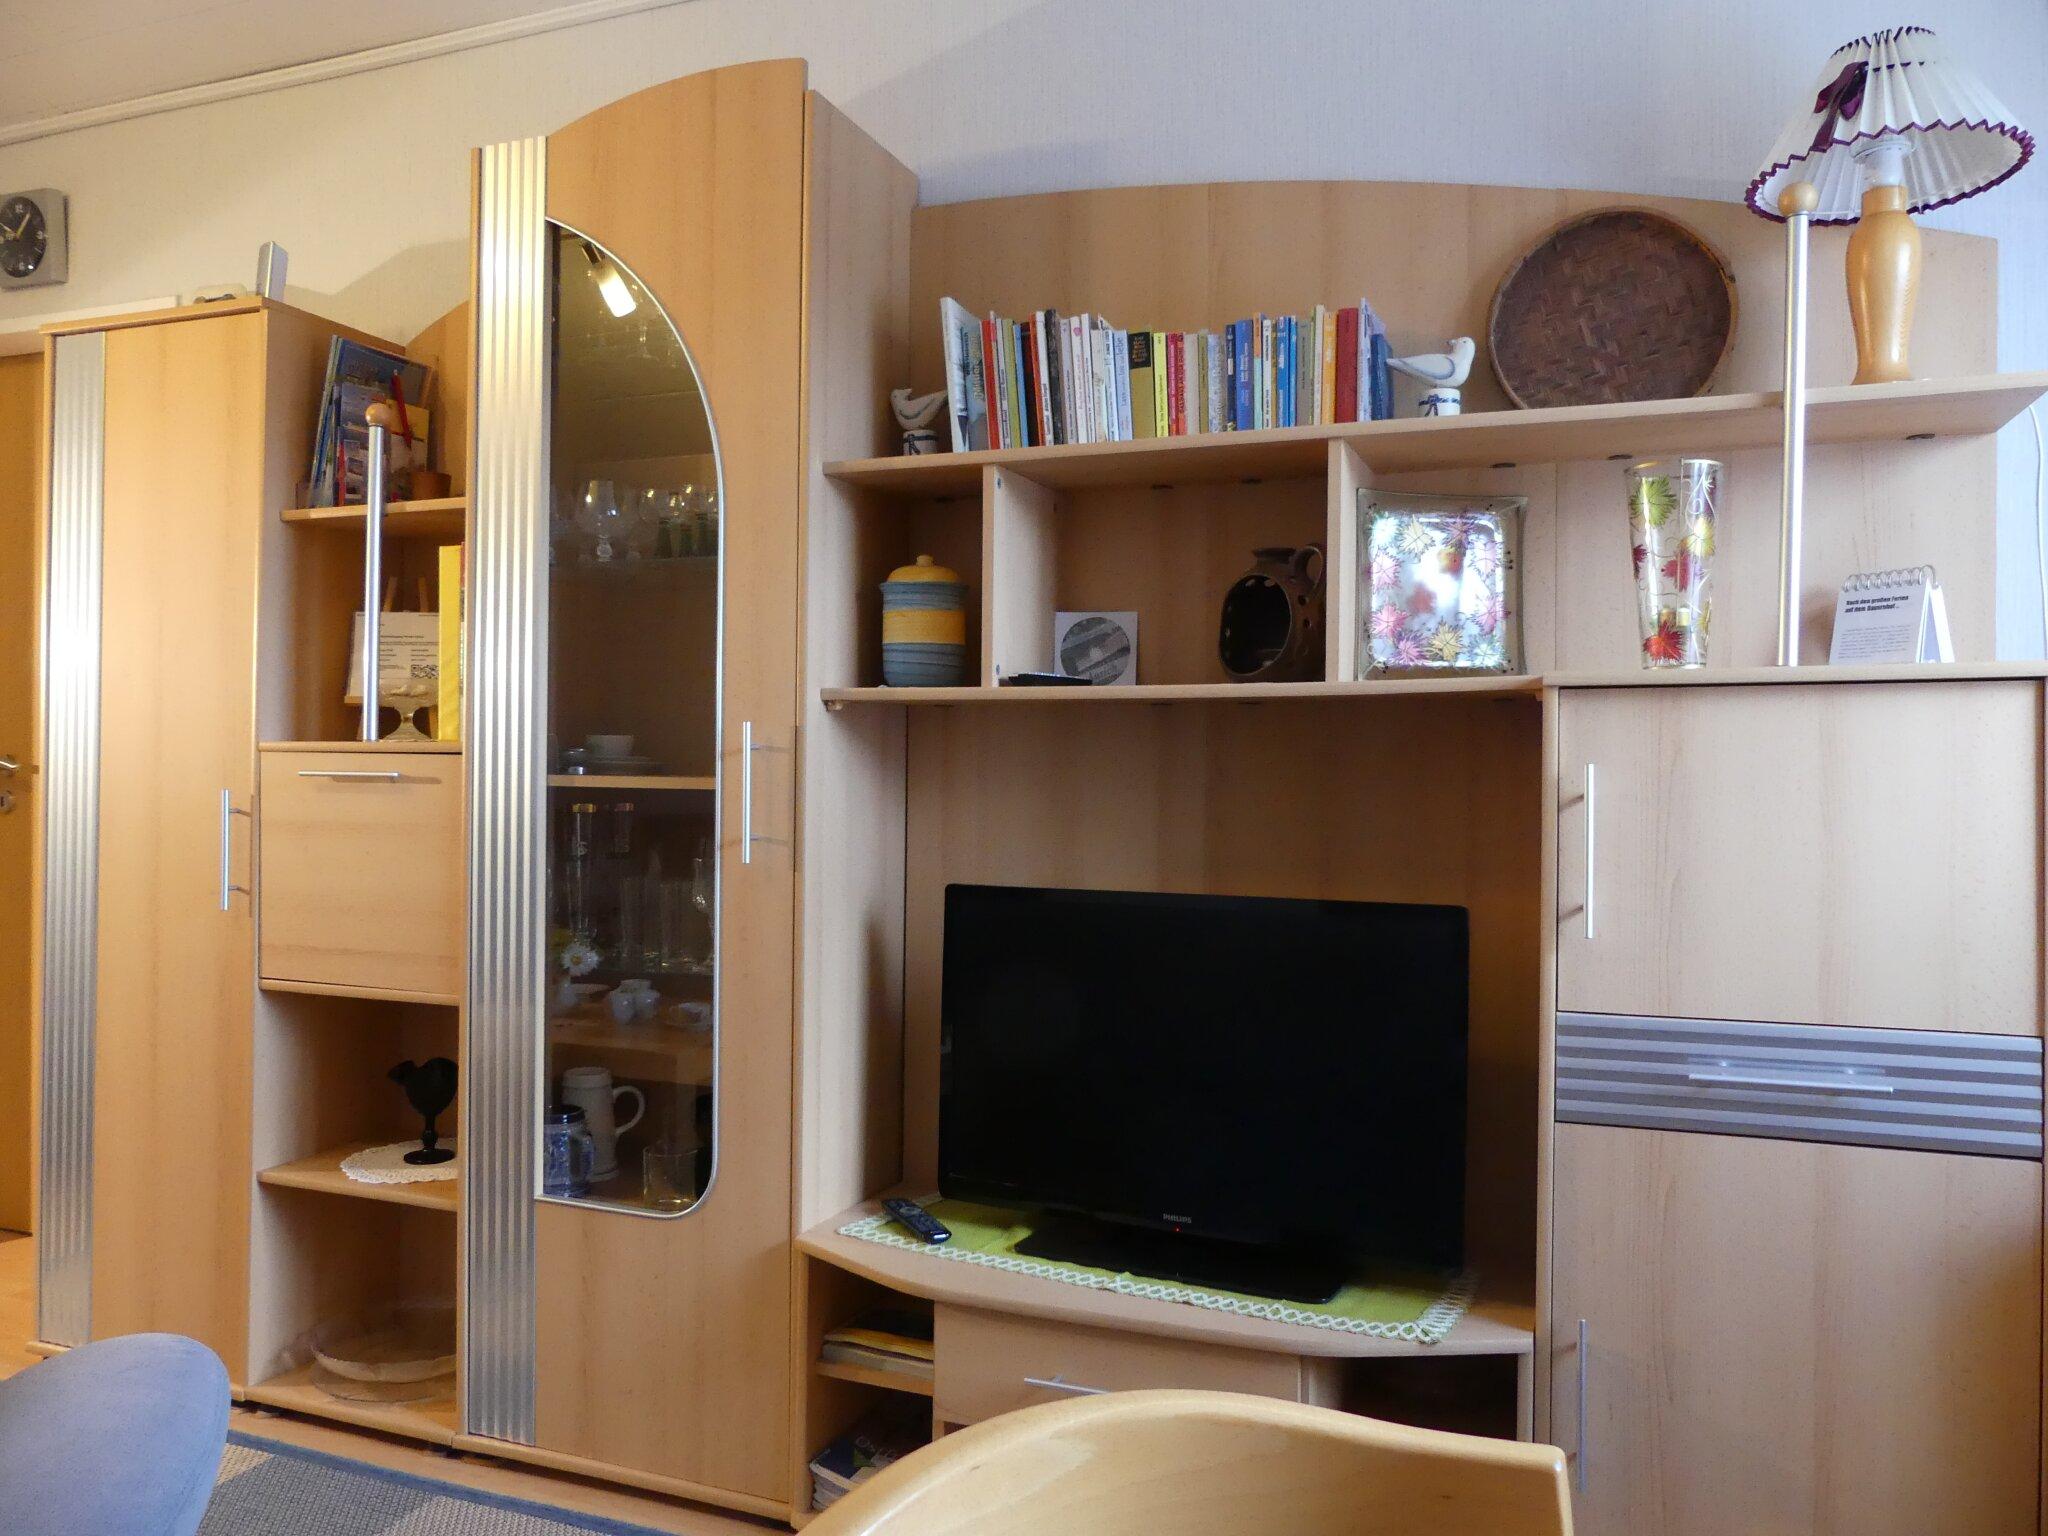 Wohnzimmer mit neuer Garnitur und Tisch